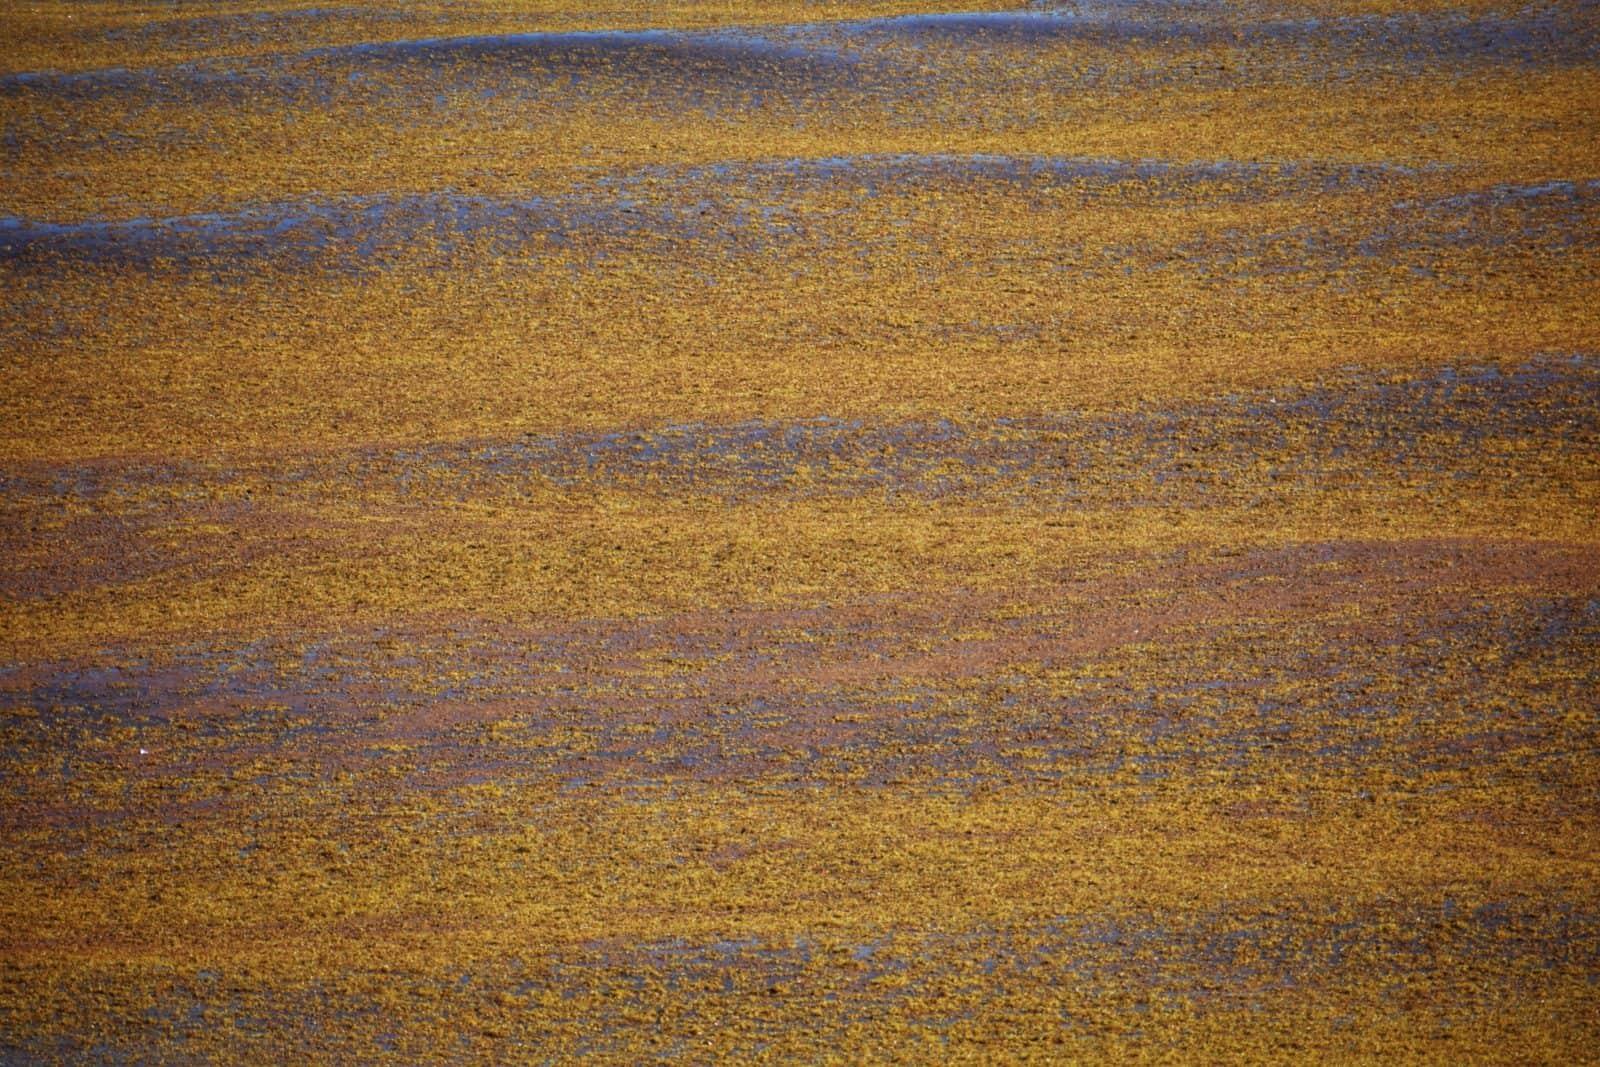 Sargassum Sea